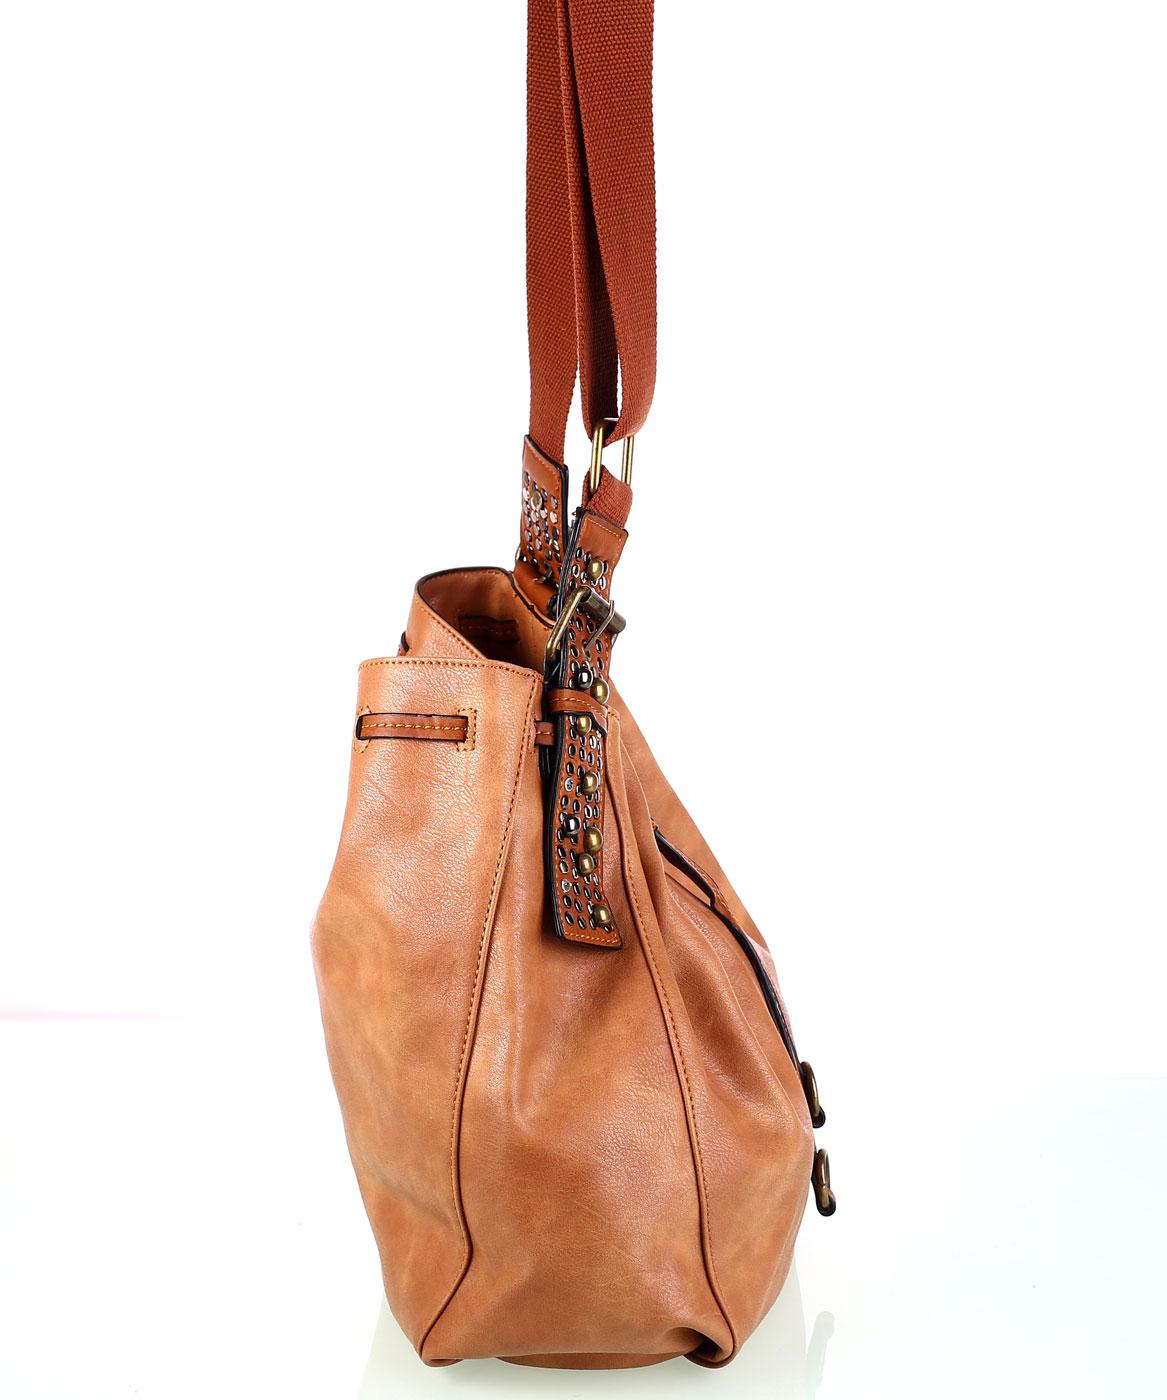 Dámska kabelka cez rameno z eko kože Kbas so sťahovacím zapínaním hnedá cd316fd4ce4